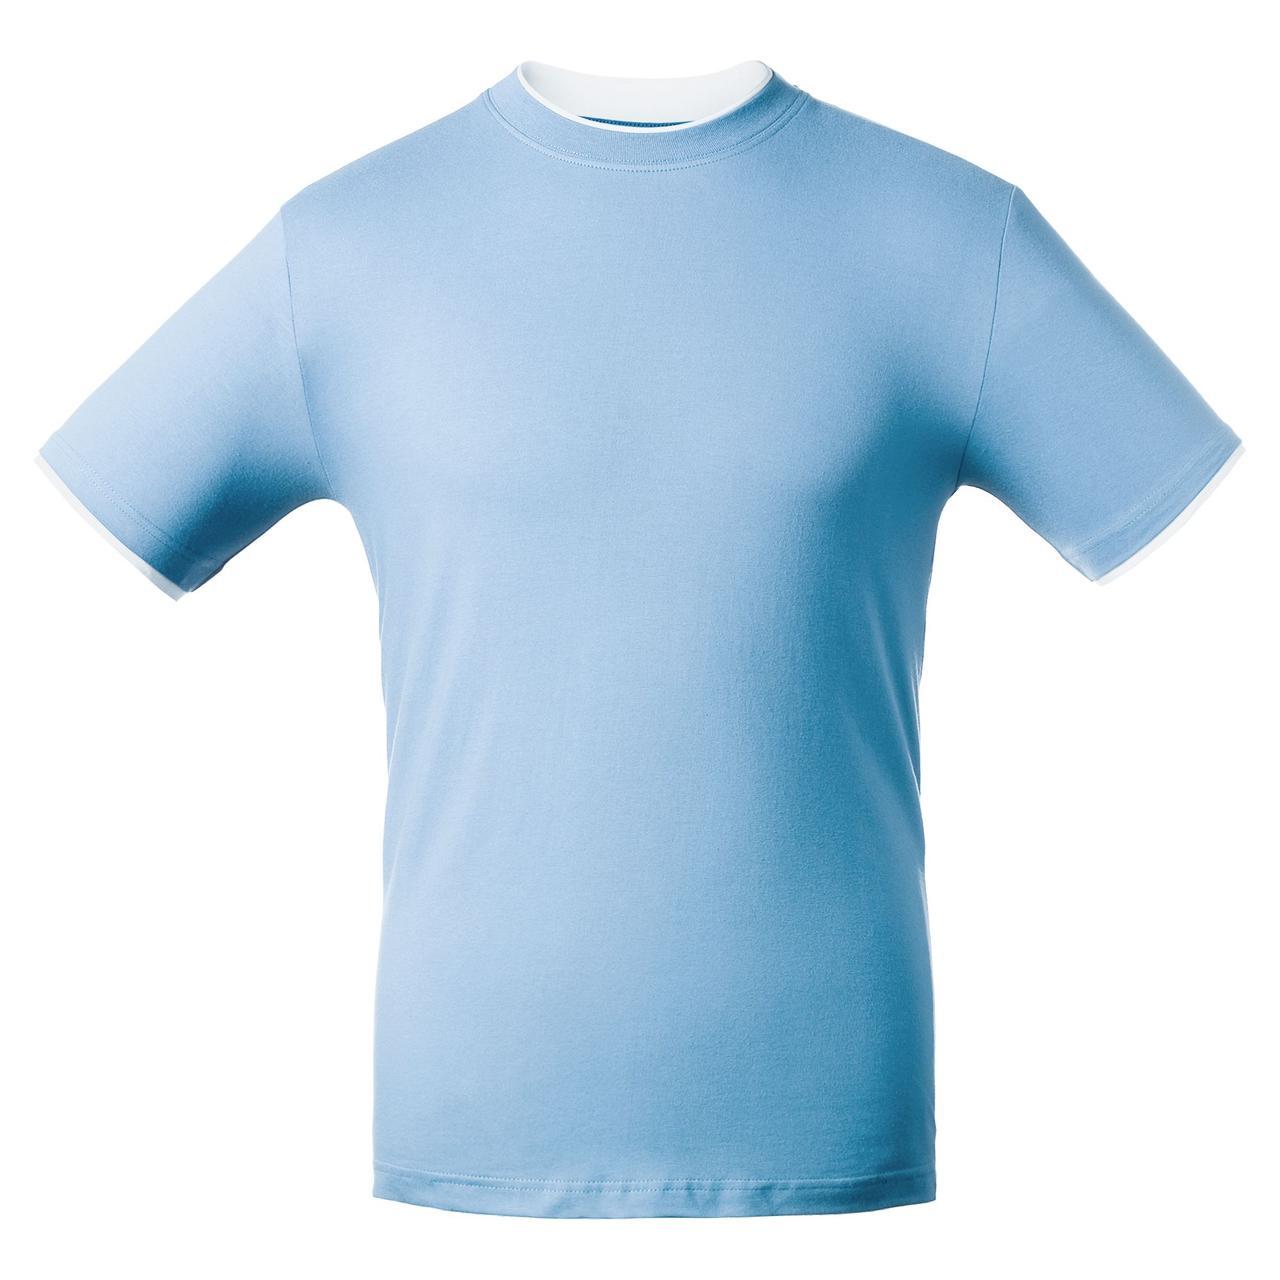 Футболка T-bolka Accent, голубая (артикул 1339.14)